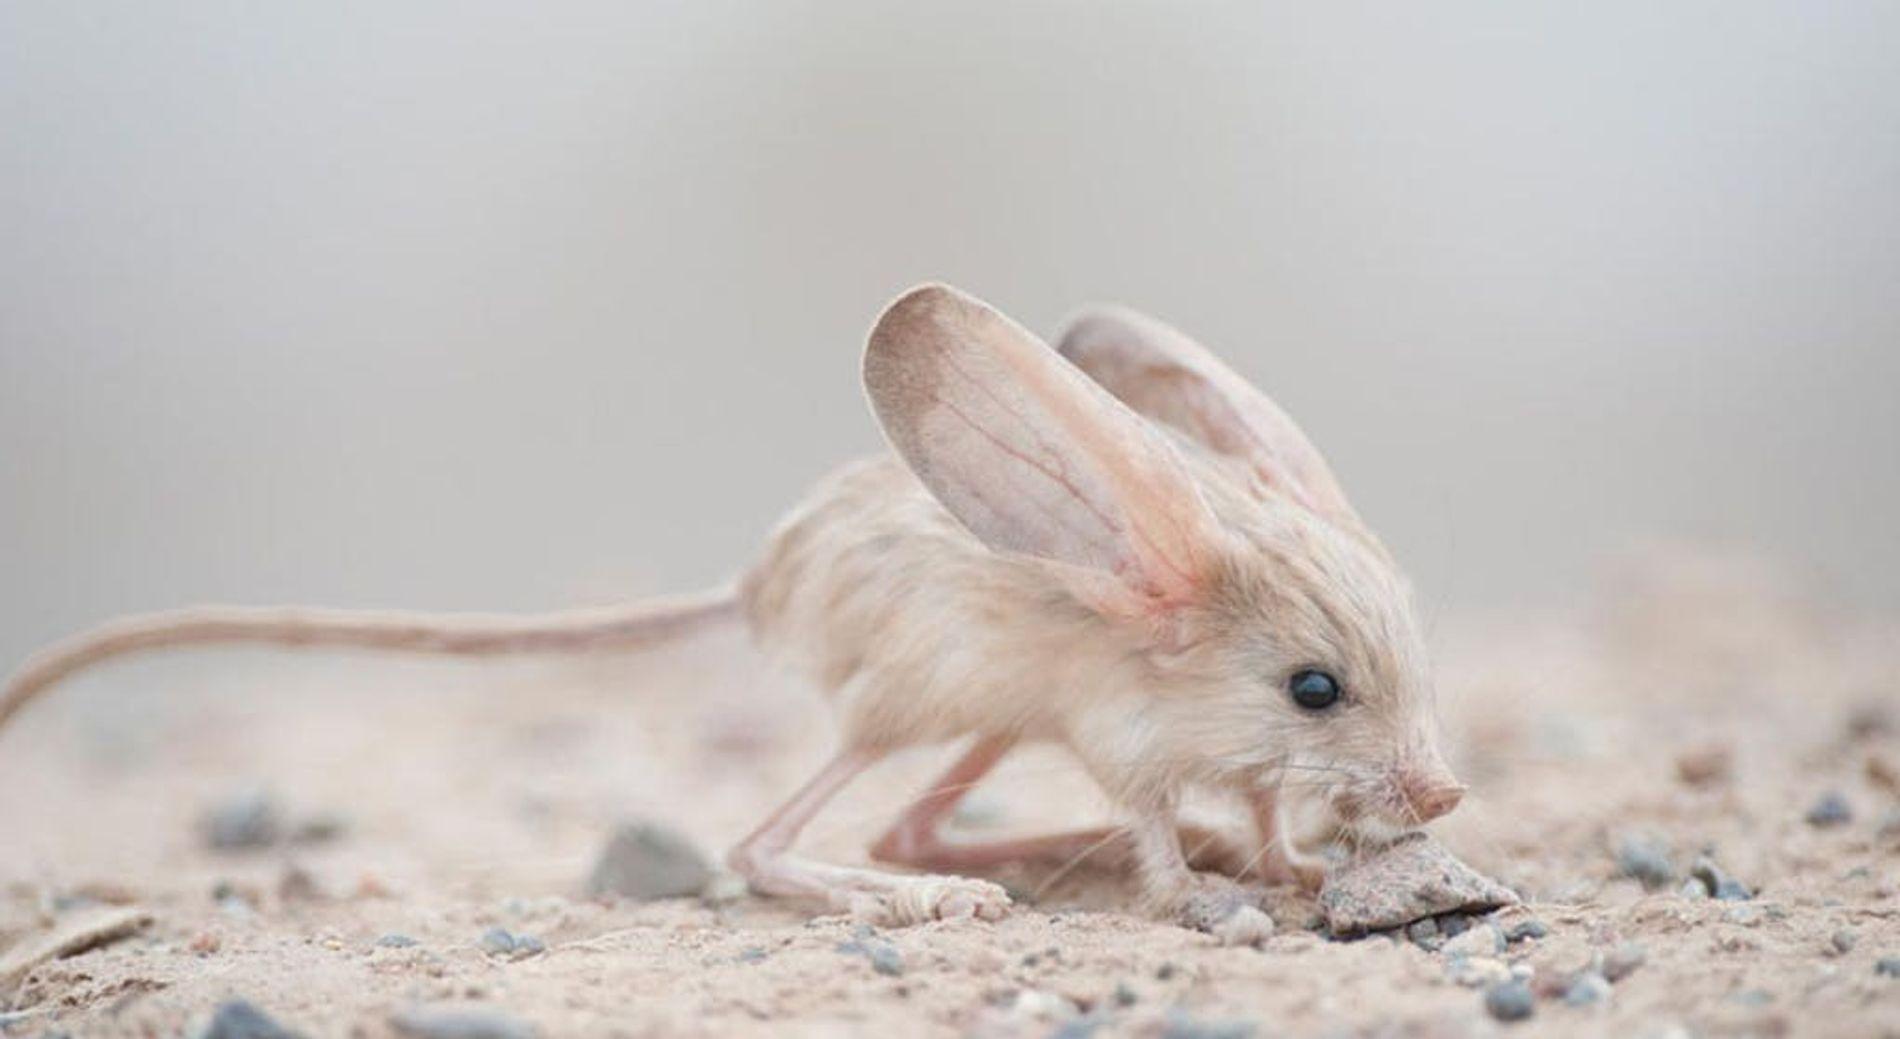 La gerboise aux longues oreilles, que l'on peut apercevoir dans le désert de Gobi en Mongolie, a été filmée pour la première fois en 2007.